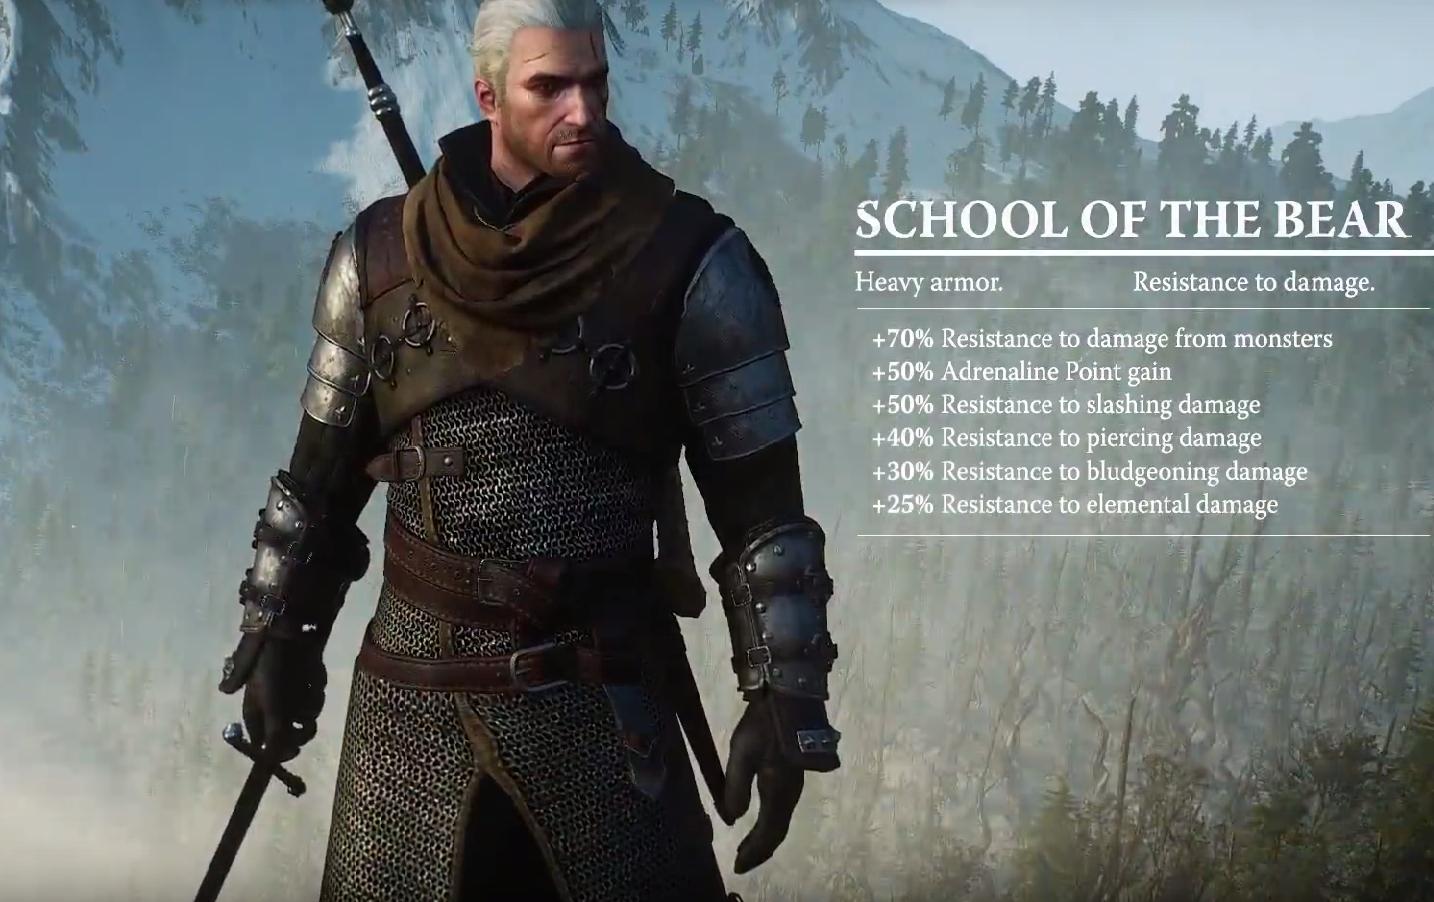 Bear School Gear | Witcher Wiki | FANDOM powered by Wikia